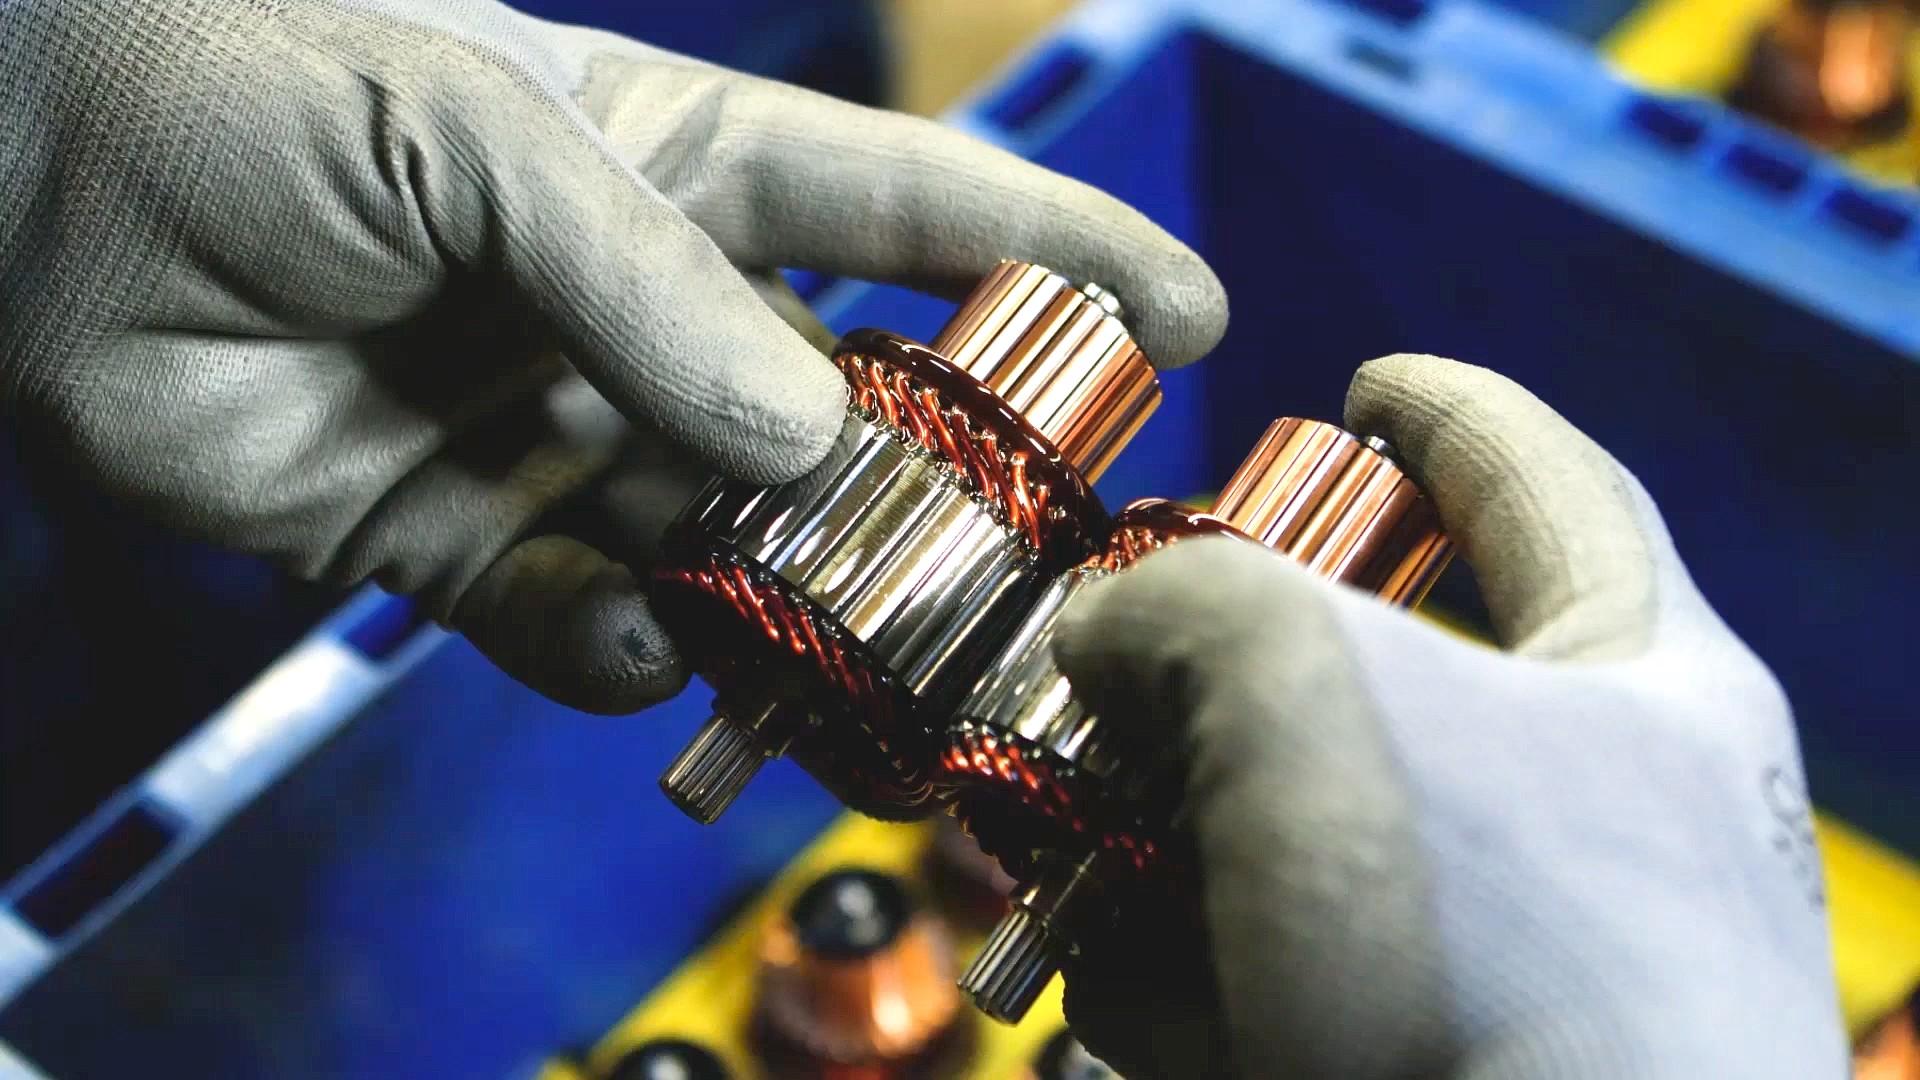 对两台乘用车起动机电枢进行质量检测